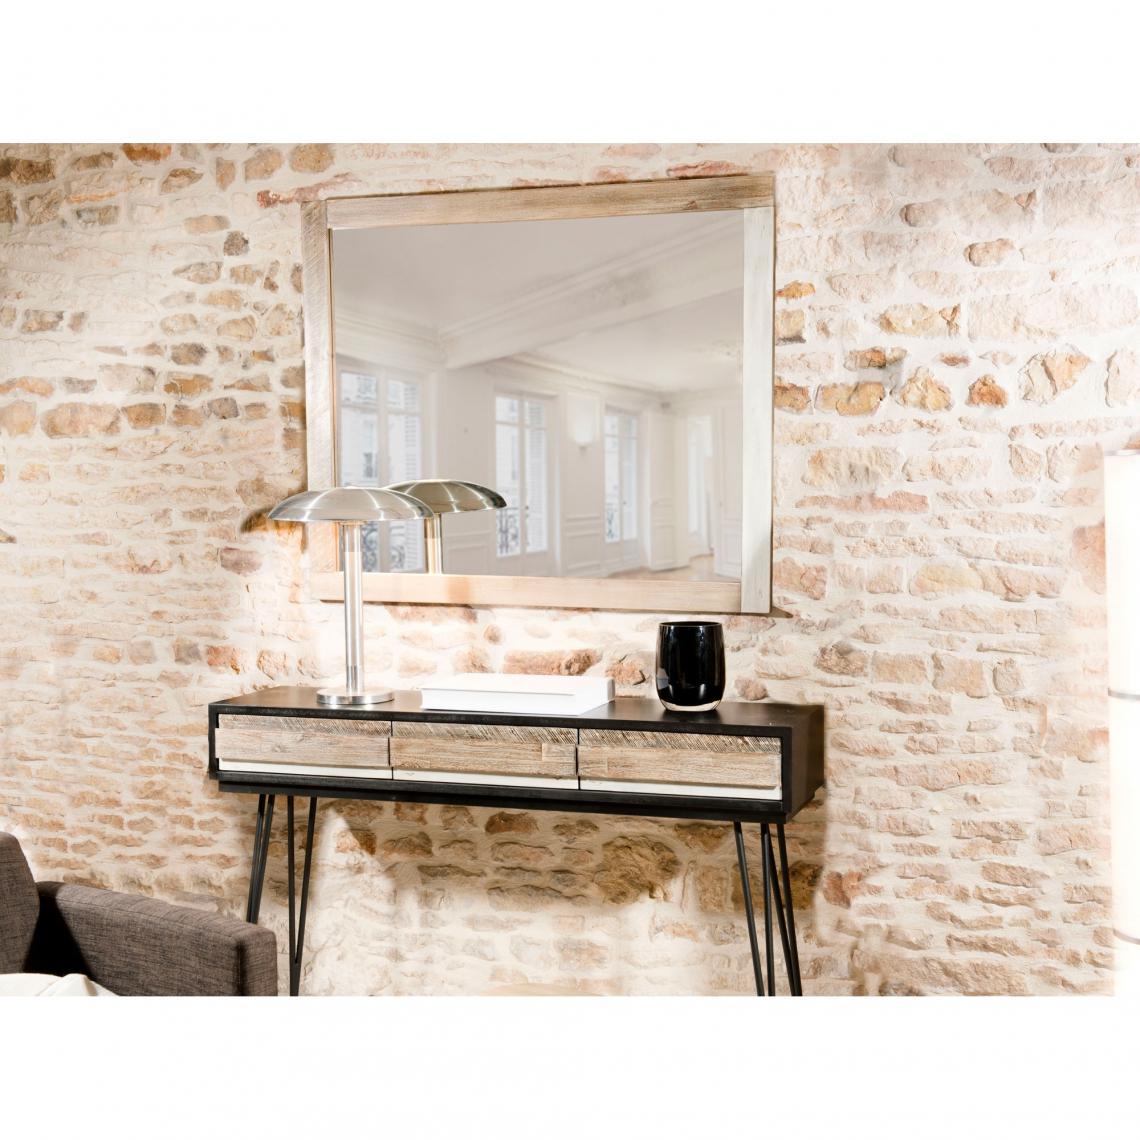 miroir mural rectangulaire avec cadre style industriel. Black Bedroom Furniture Sets. Home Design Ideas